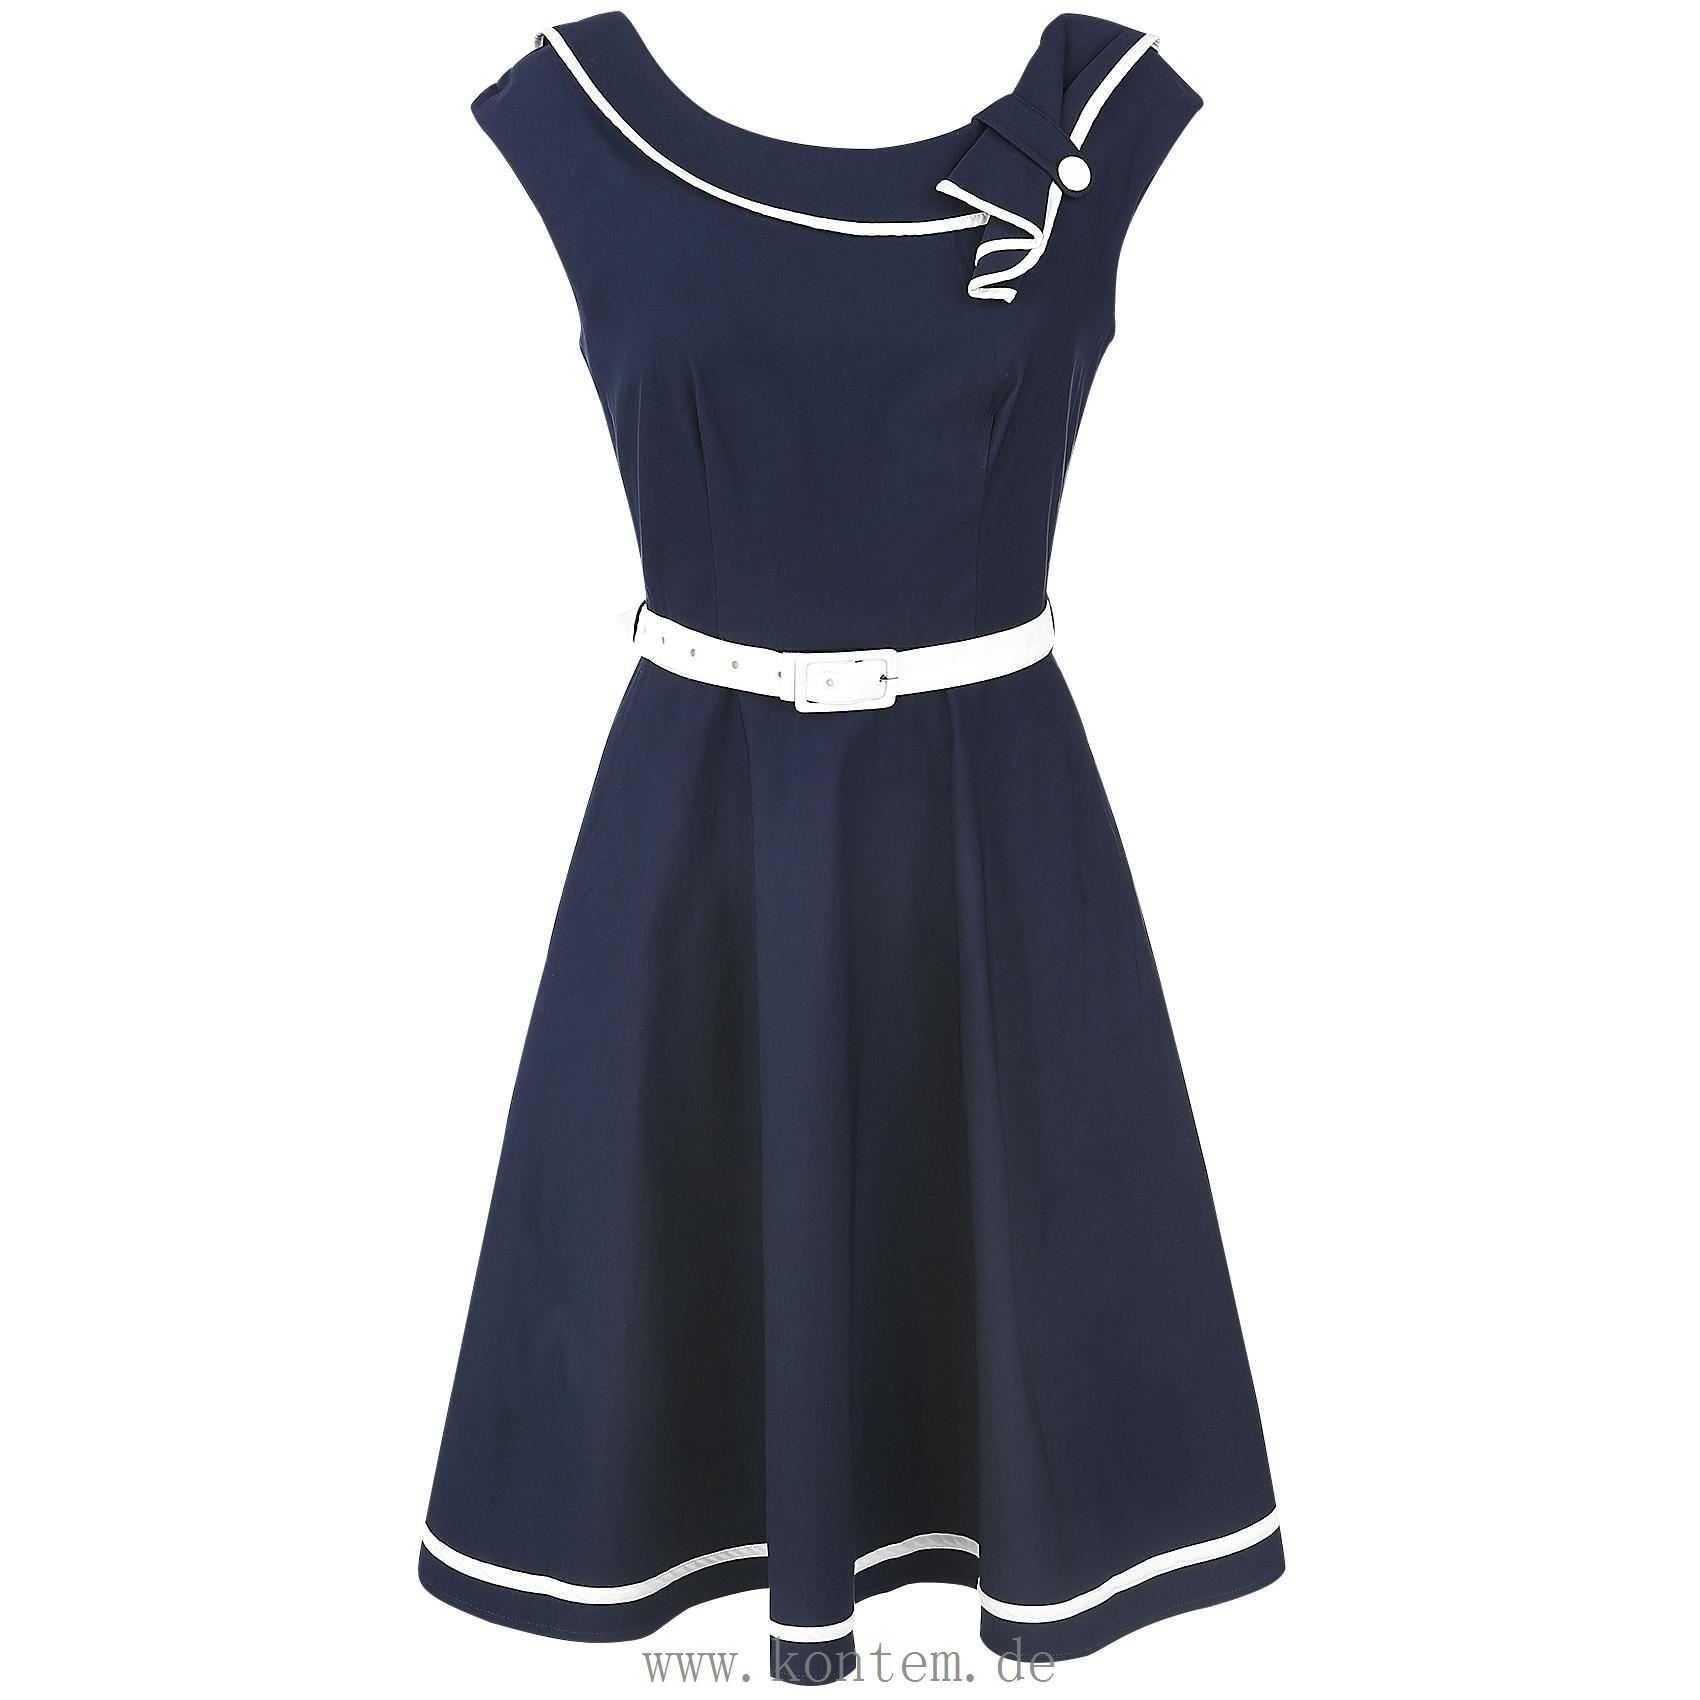 13 Perfekt Kleid Blau Weiß Design13 Genial Kleid Blau Weiß für 2019